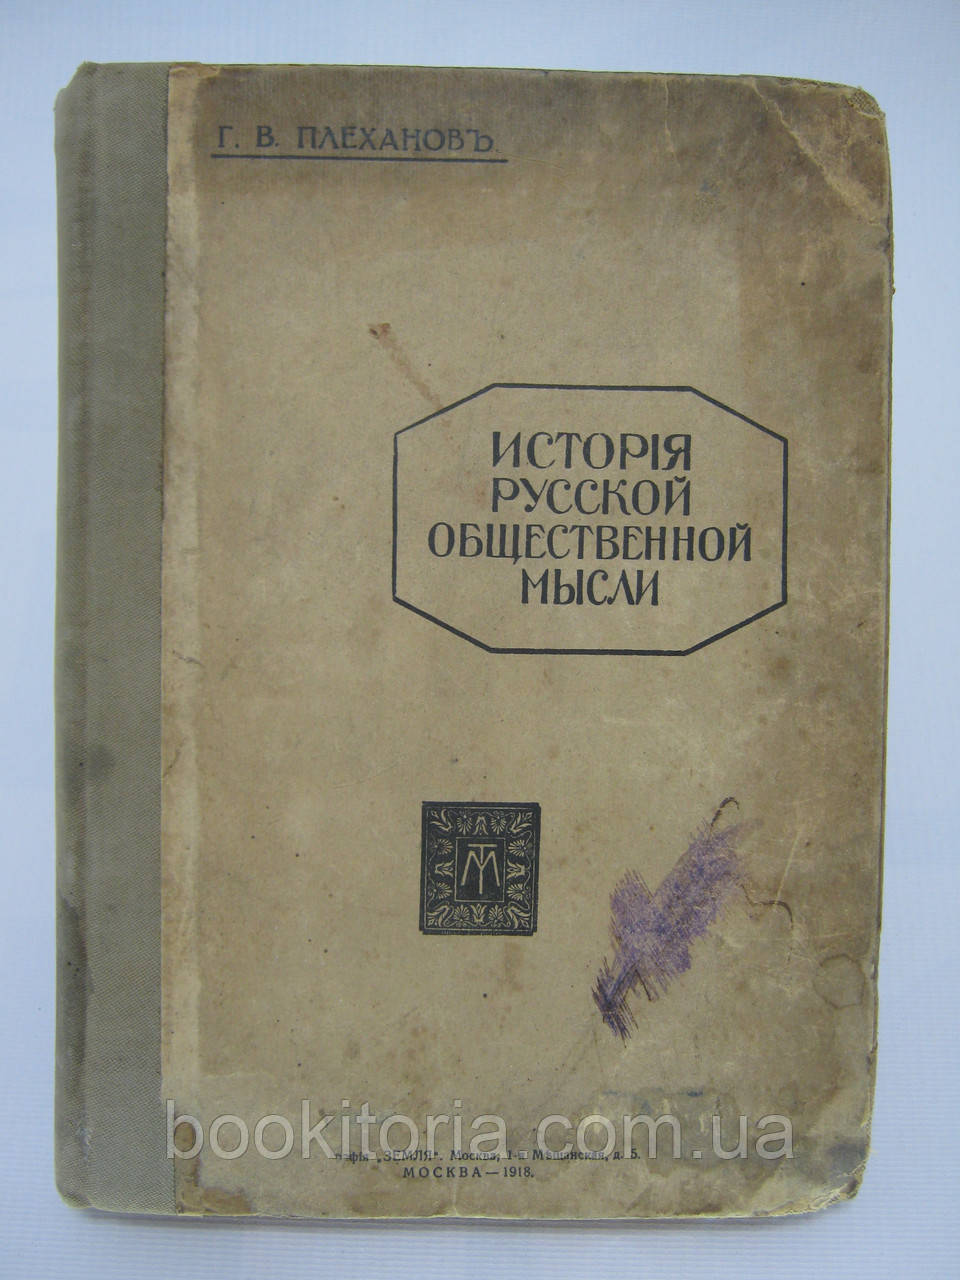 Плеханов Г.В. История русской общественной мысли. Том I (б/у).